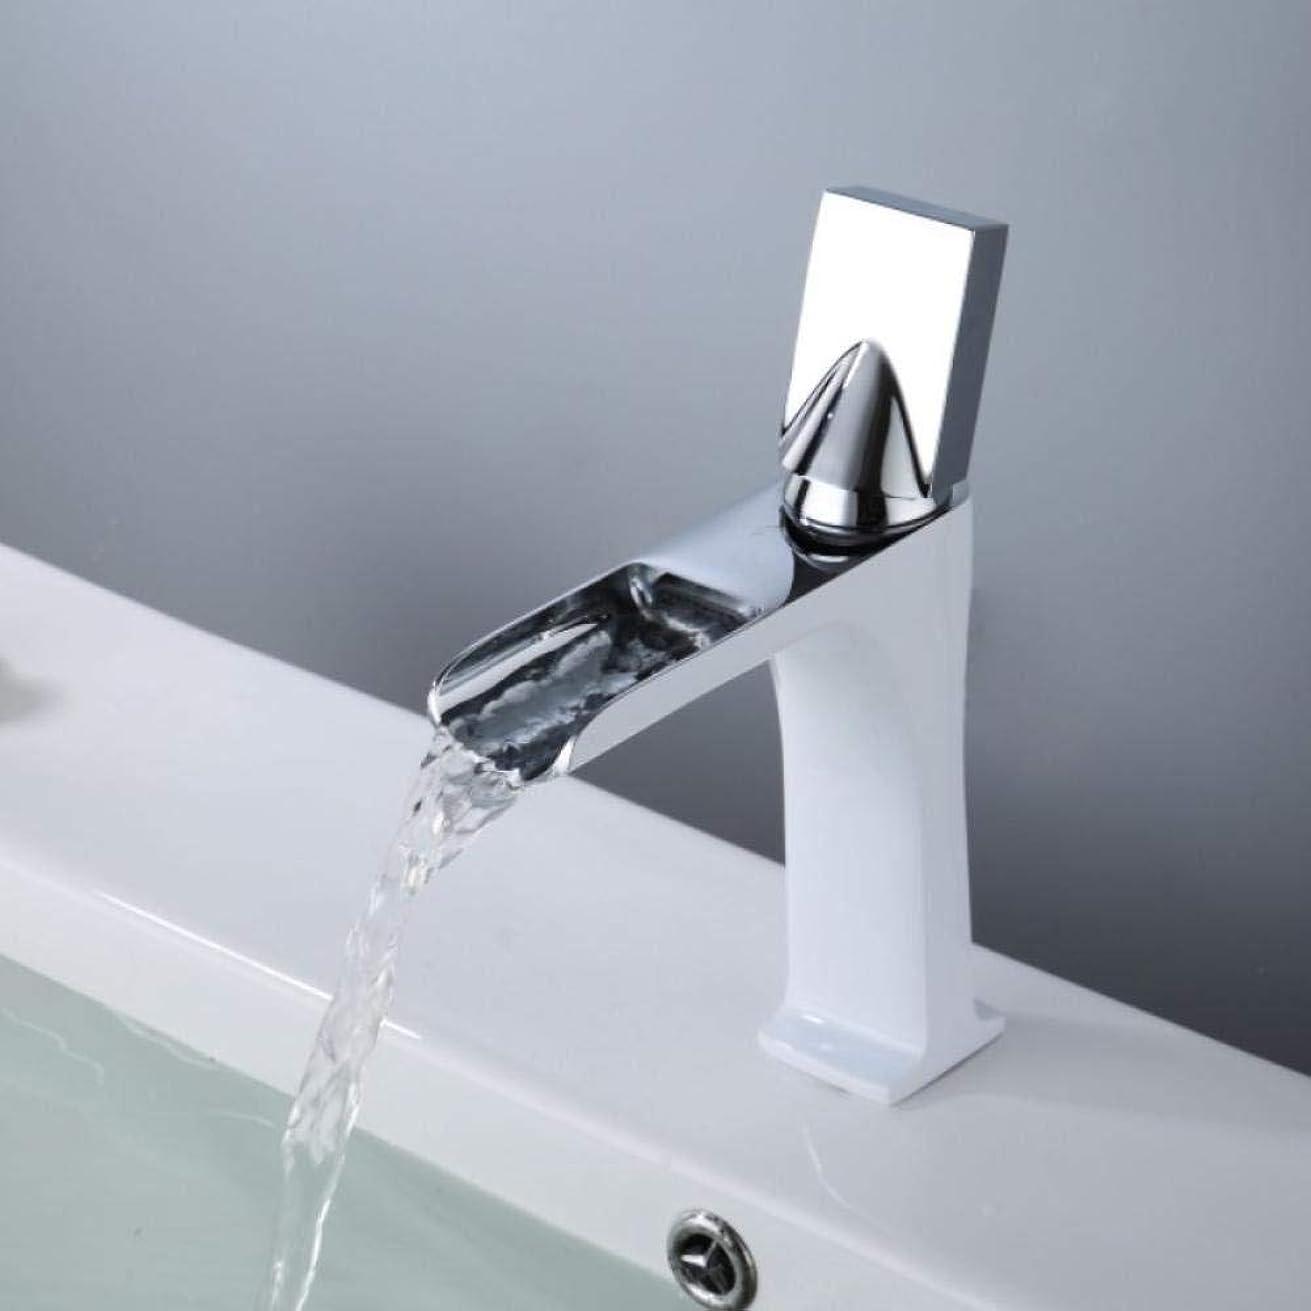 財政命令リードZxyan 蛇口 立体水栓 タップタップ蛇口アンティークブロンズバスルームの蛇口ホットコールドウォーターミキサークレーンデッキは、単穴バースタップクローム仕上げマウント トイレ/キッチン用